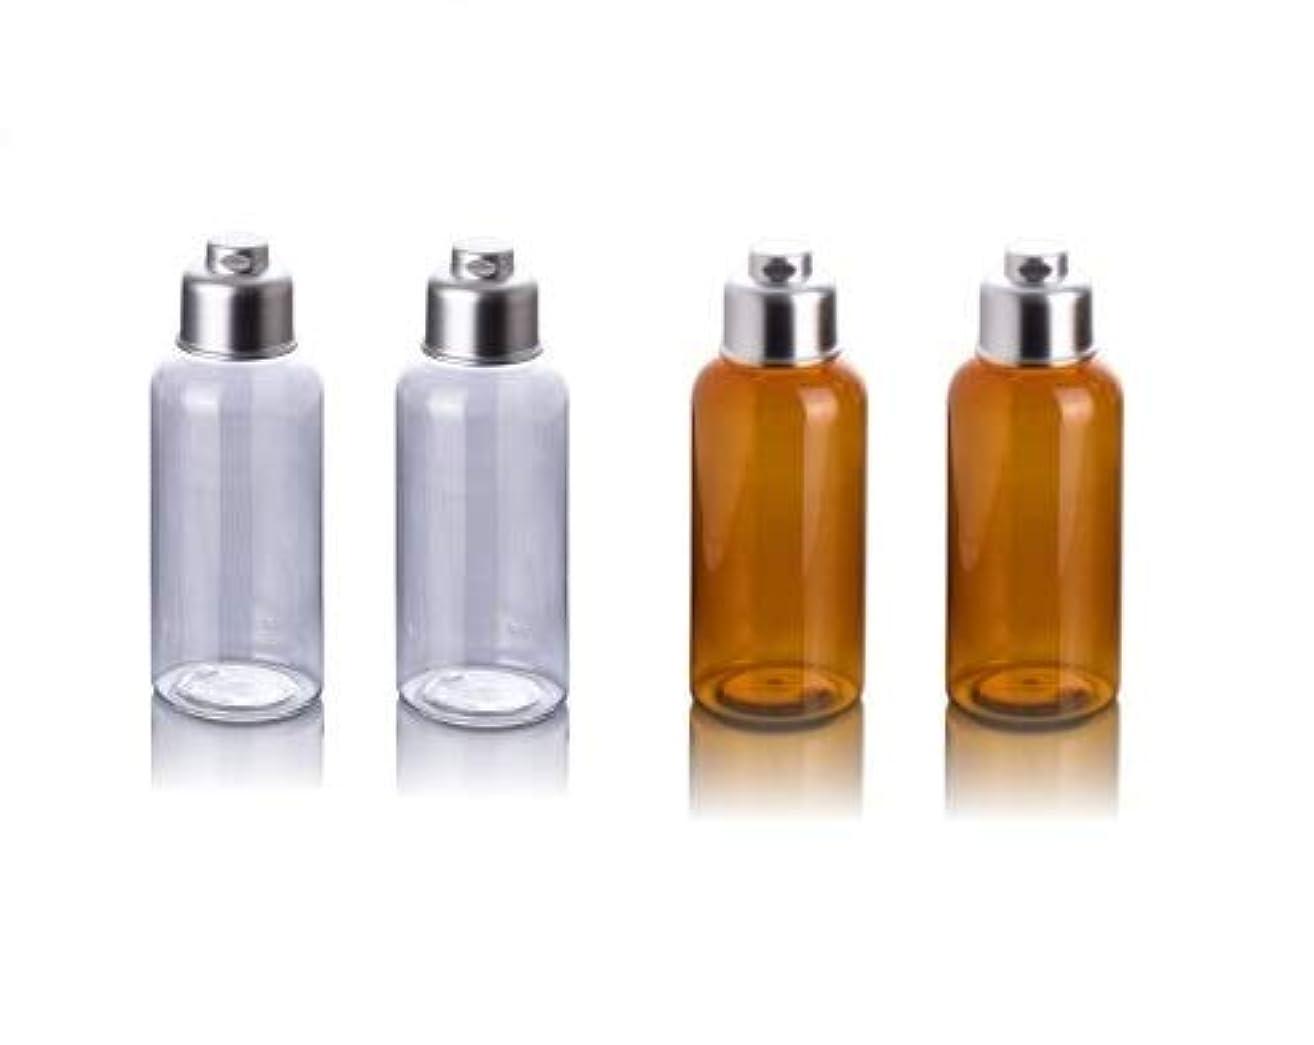 経由でタフ反応するBijou Cat 小分けボトル 旅行携帯用容器 100ml シャンプーボトル プラスチック製本体 透明?茶色 4本セット